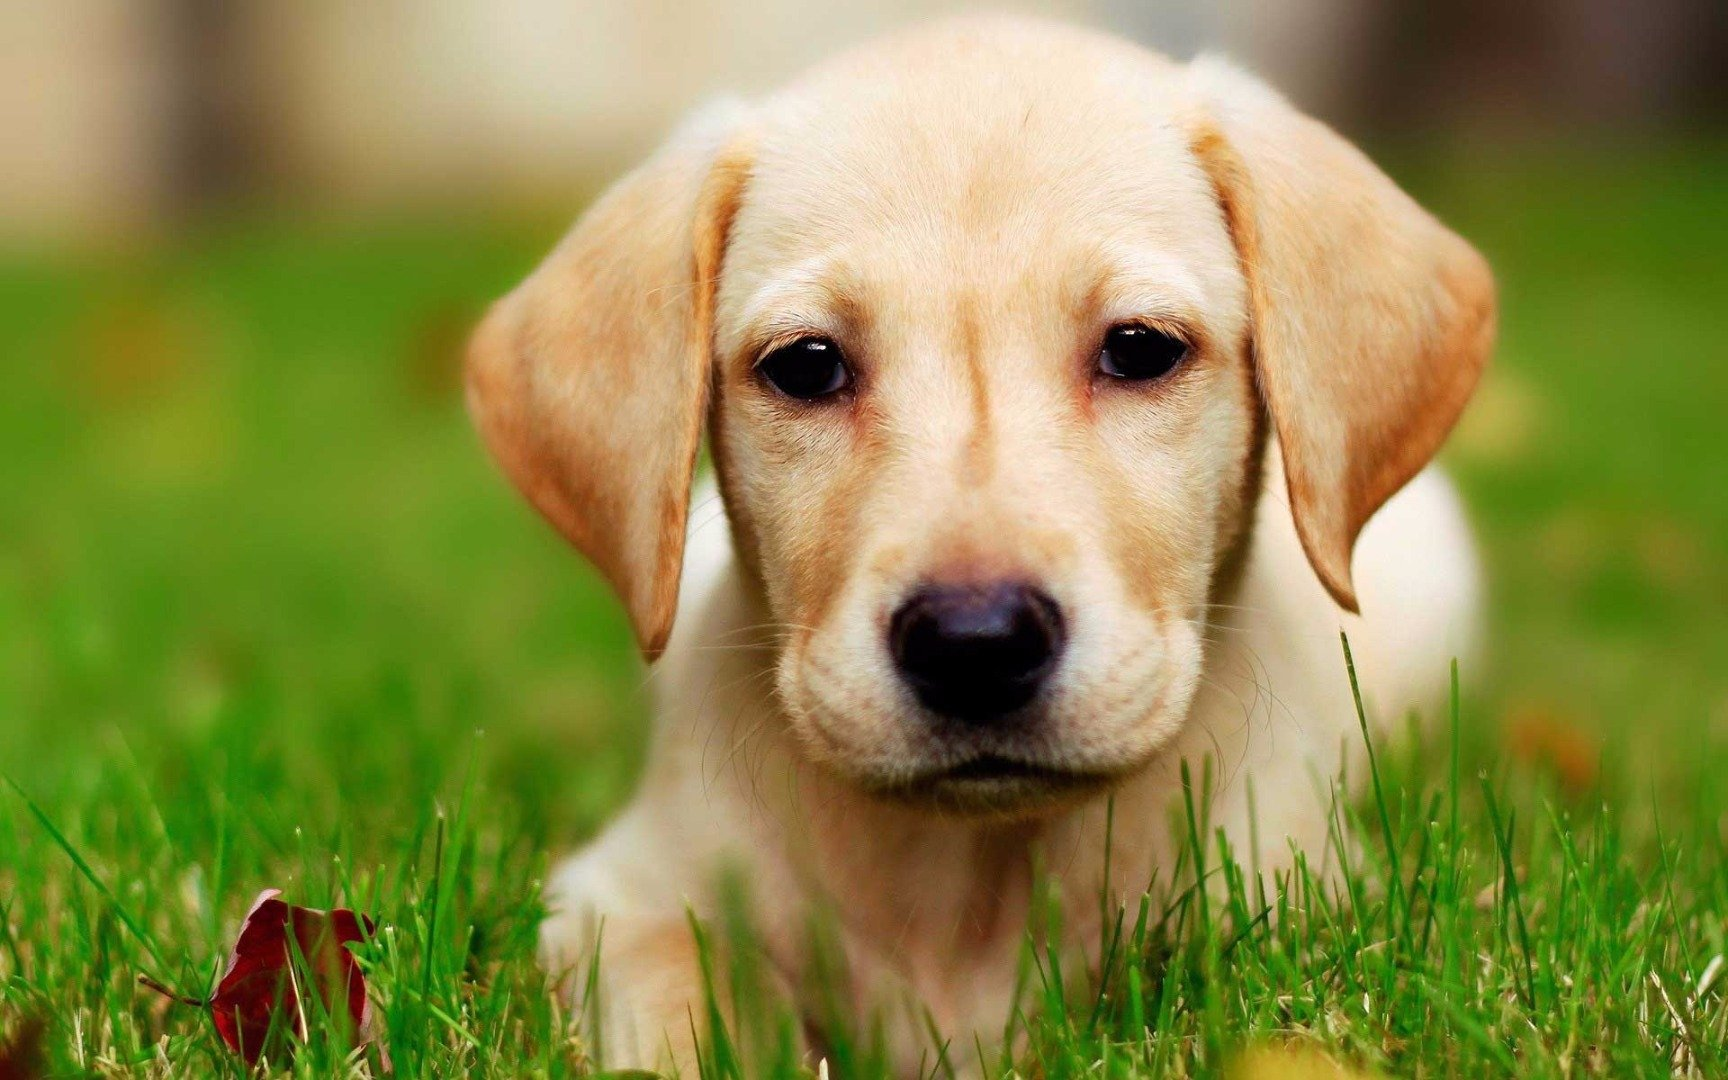 Україна заборонила ввозити тварин з Китаю: у Гонконгу коронавірусом захворіла собака - собака, коронавірус - 03 sobaka